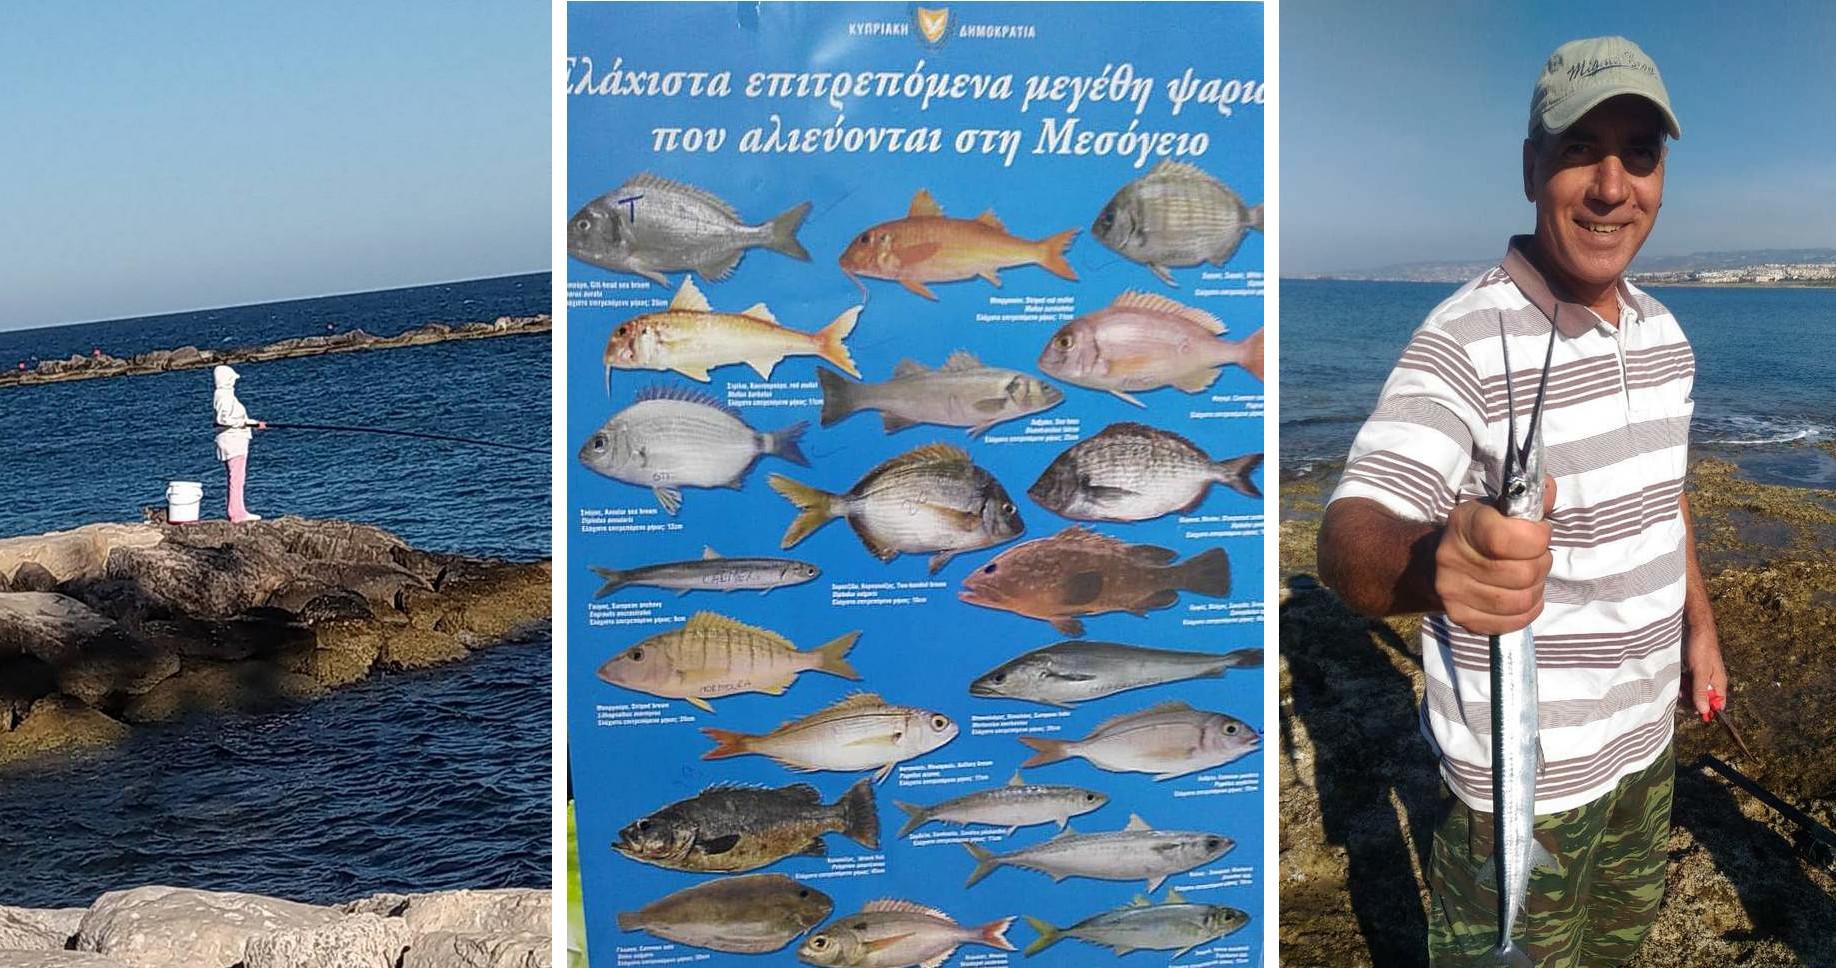 Клёвые места Кипра - Вестник Кипра